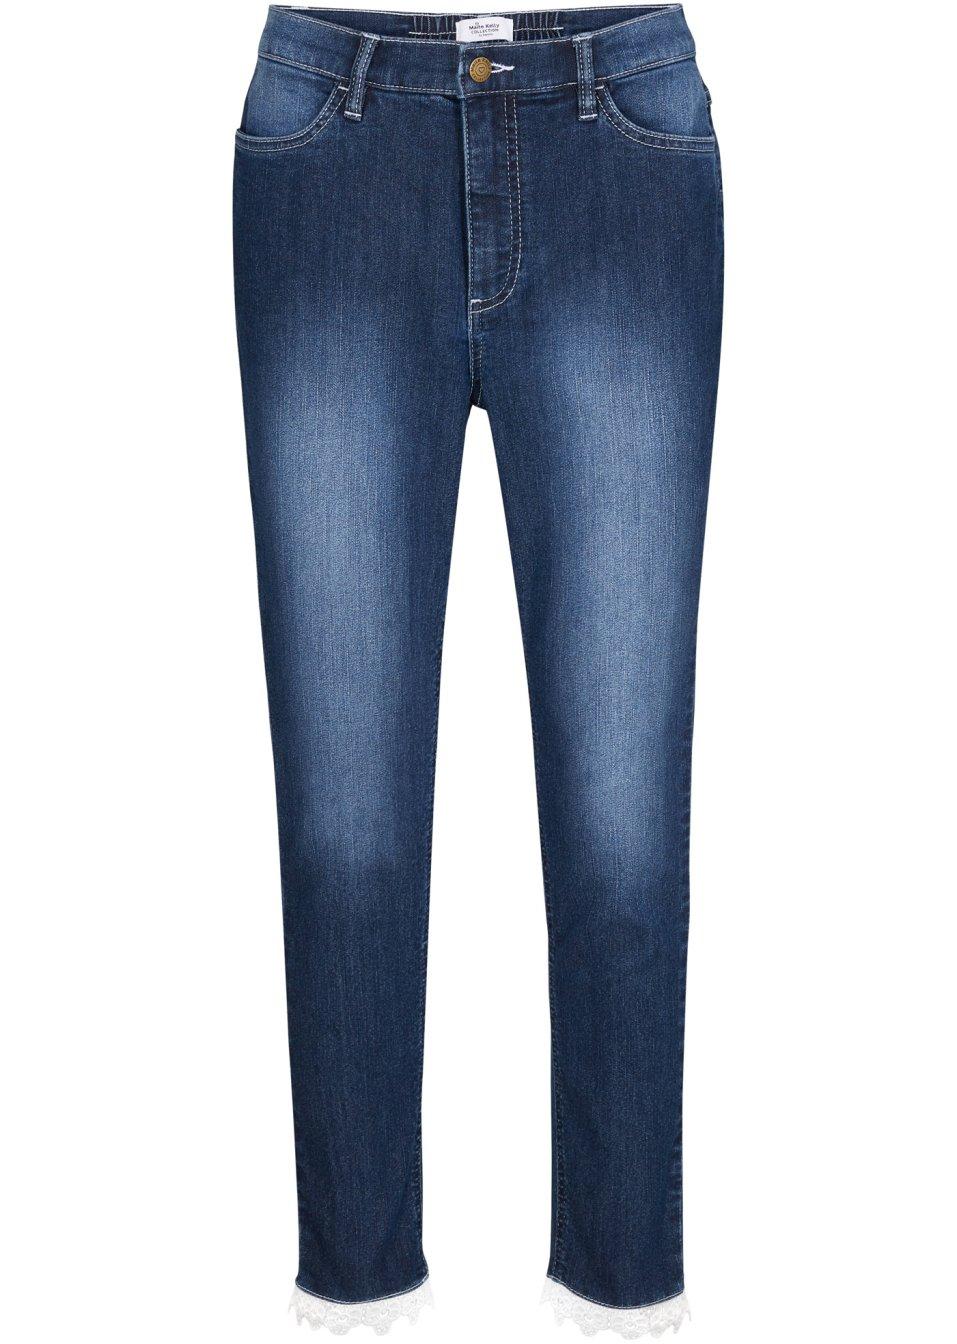 Modische Jeans mit Stretch- Qualität und formgebenden Nähten der aktuellen Maite Kelly Kollektion - dark denim used QGRLp gdGaL